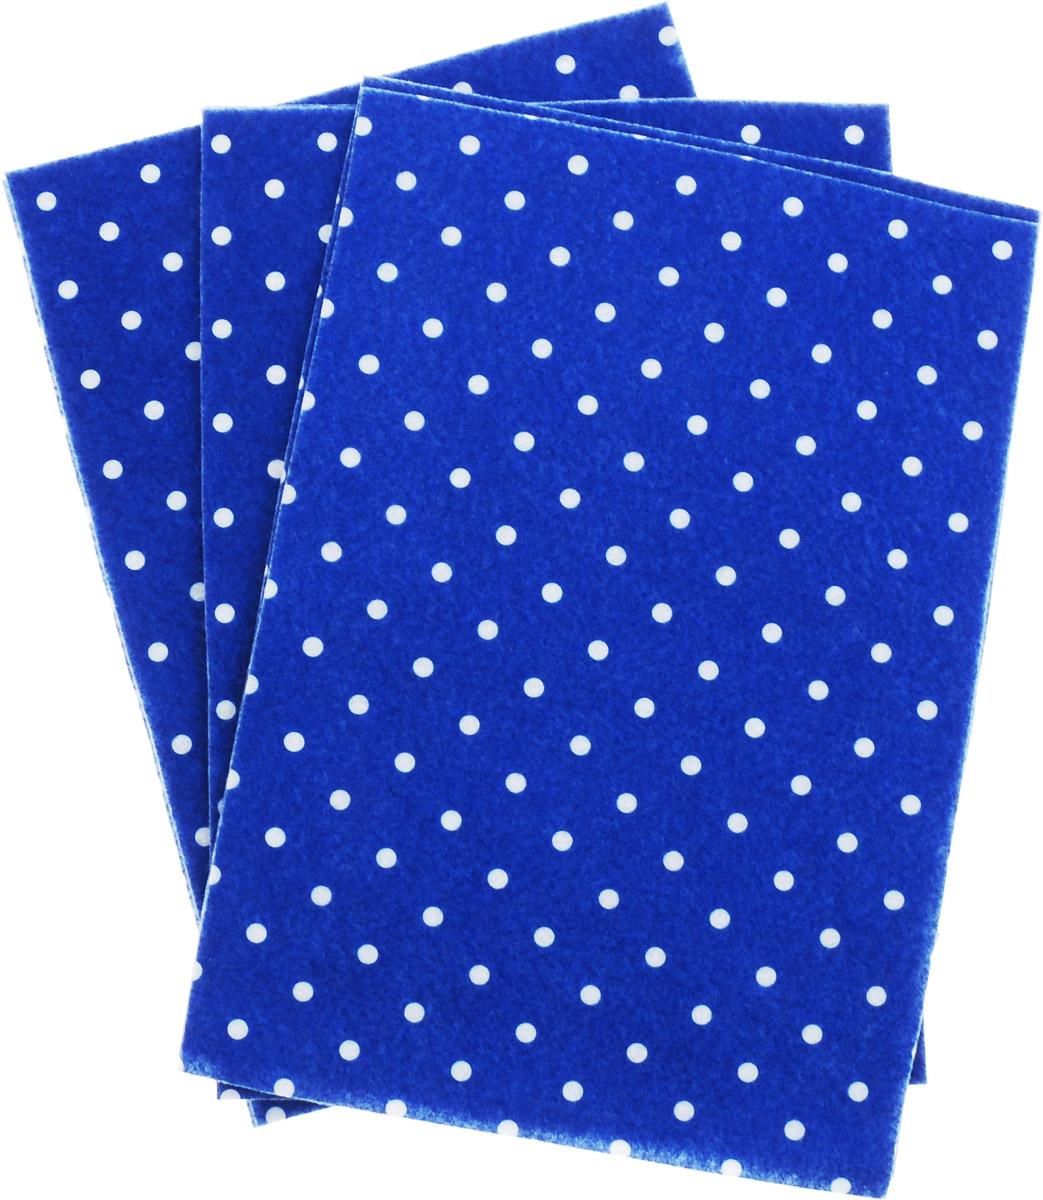 Фетр листовой для творчества Астра Горох, 20 х 30 см, 10 шт7712689_васильковый, белыйМягкий фетр Астра Горох, изготовленный из100% полиэстера, используется для отделки готовых работ в разных техниках. Основное применение тонкого фетра - создание аппликаций, набивных игрушек, подушек, декора, бижутерии. Вы также можете его использовать для внутренней отделки шкатулки или подарочной коробки. Фетр напоминает бумагу, его также можно, резать, шить, клеить. Листы не лохматятся в месте разреза, что упрощает обработку краев. Материал хорошо приклеивается практически на любые поверхности, и не имеет лица и изнанки.В наборе - 10 листов.Размер листа: 20 х 30 см.Толщина листа: 1 мм.